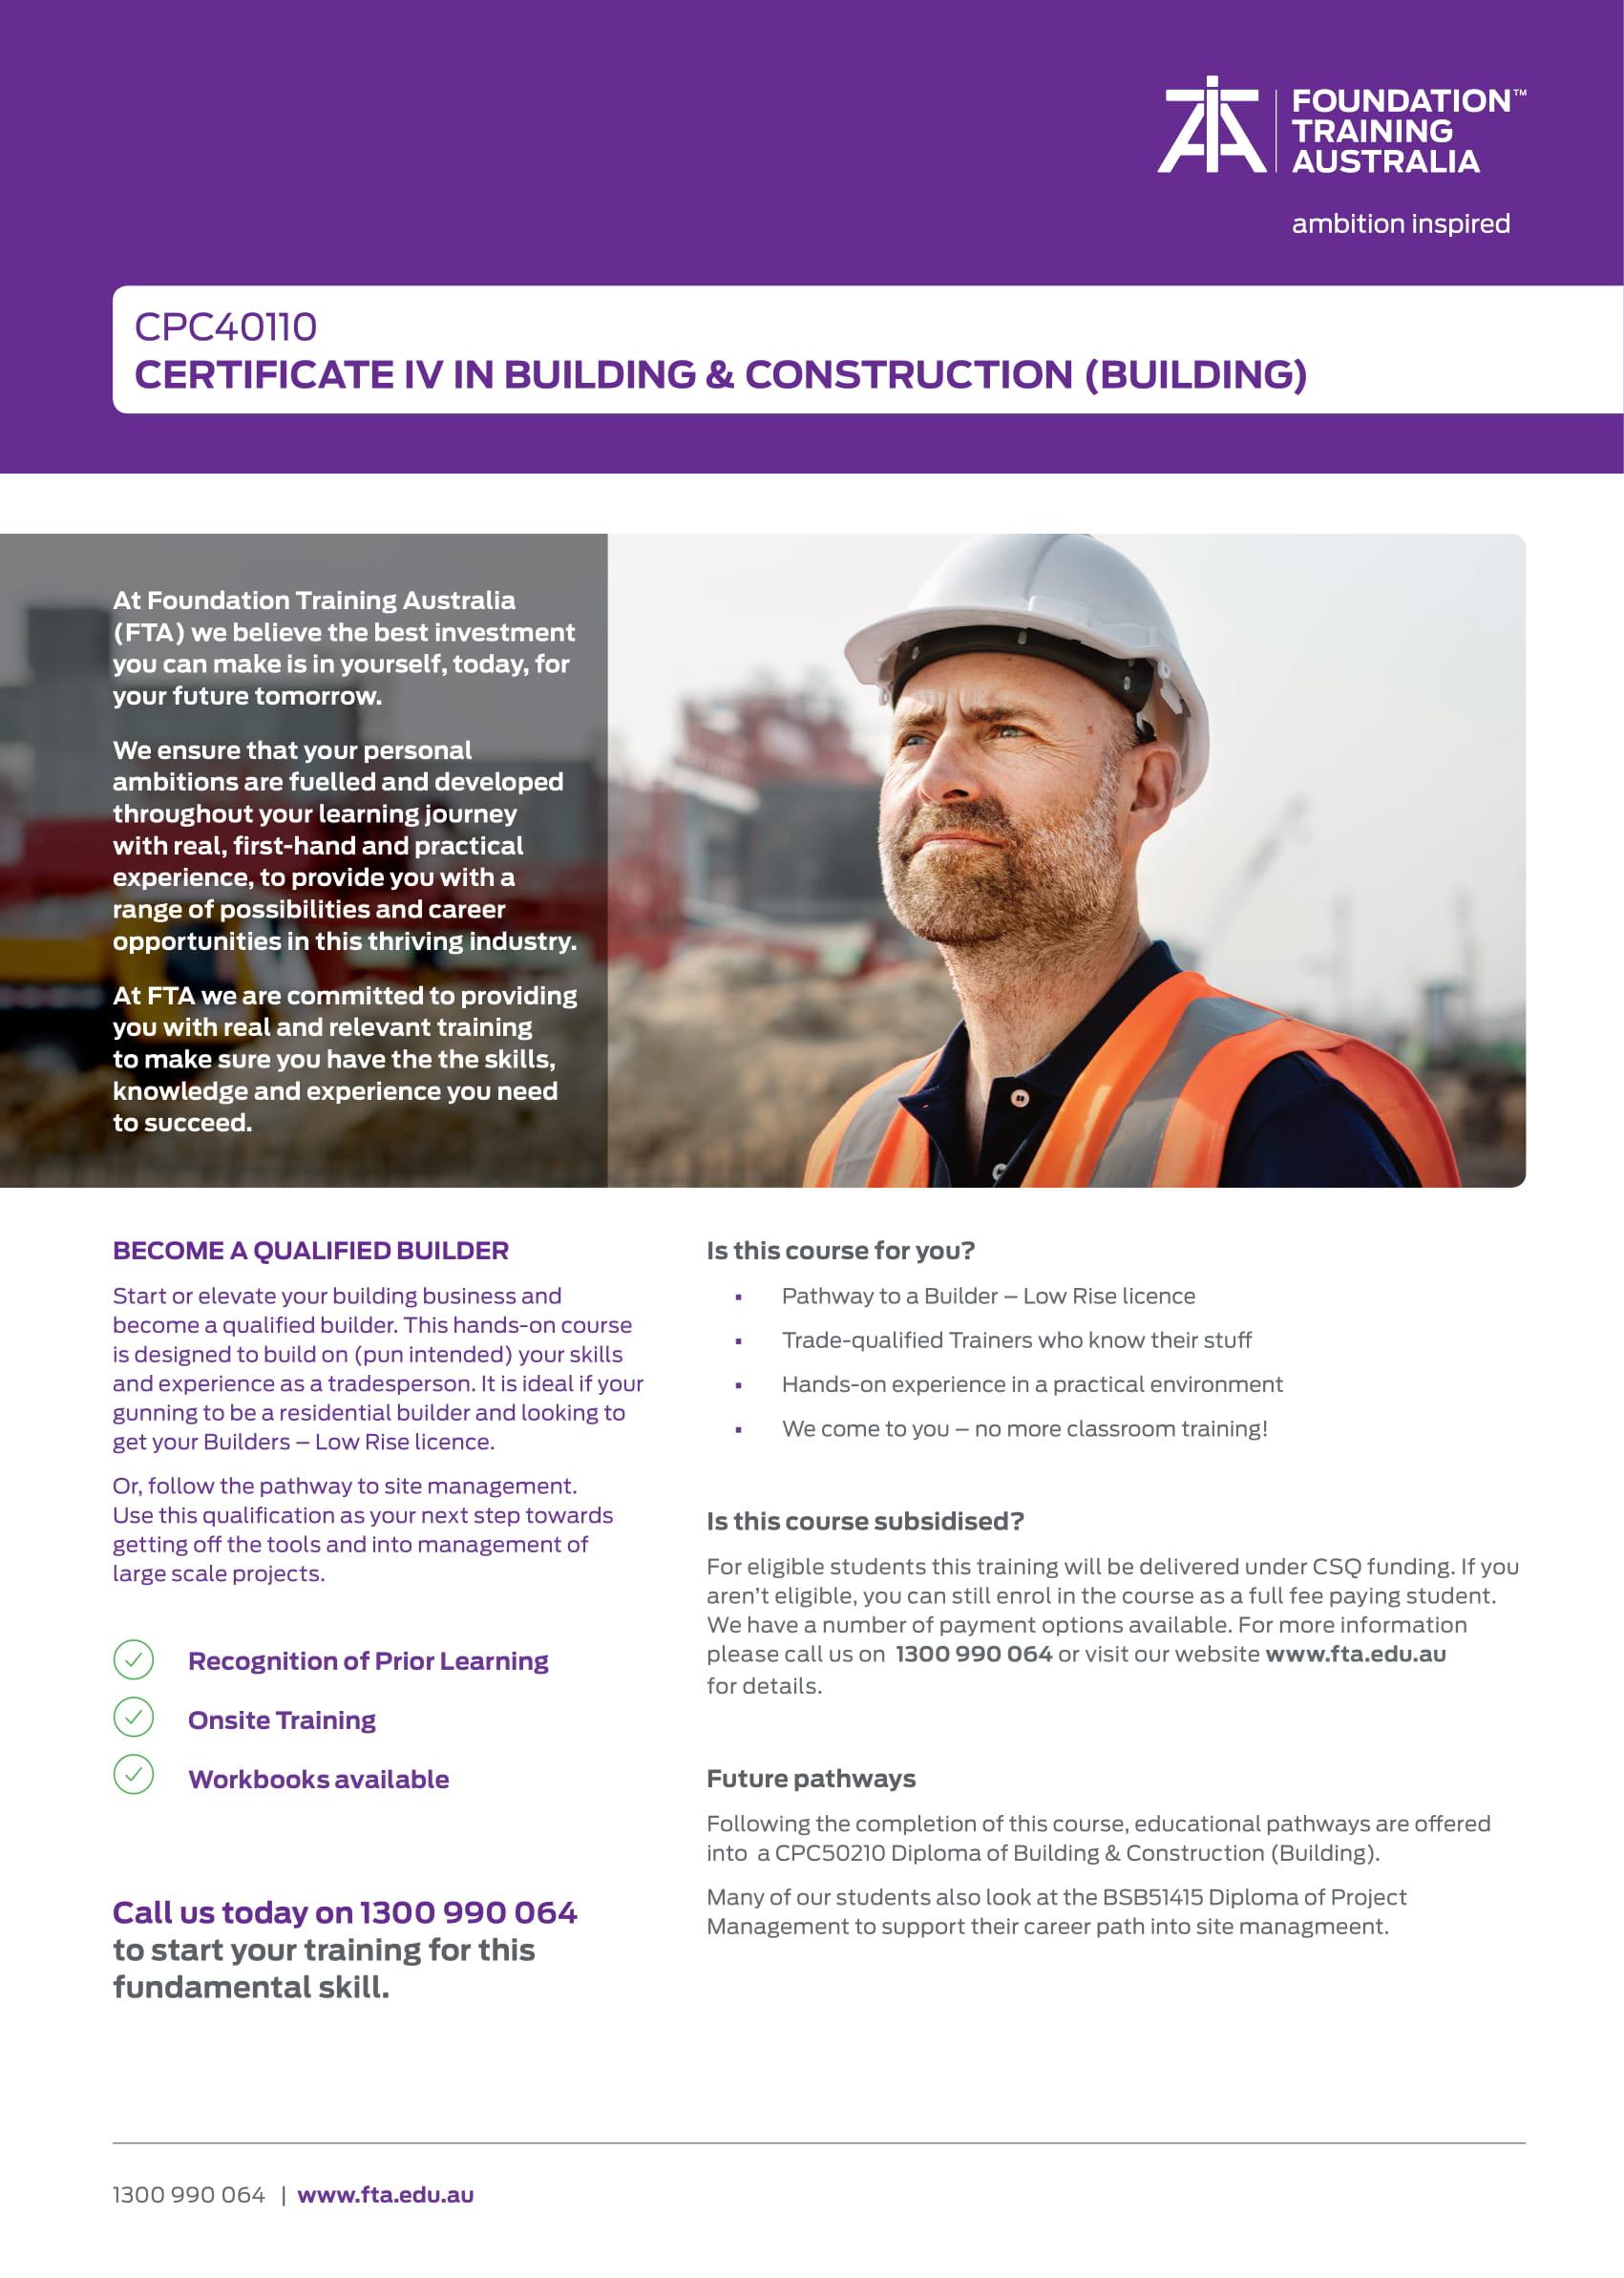 https://www.fta.edu.au/wp-content/uploads/2020/06/TP1.MK_.014-Certificate-IV-Building-_-Construction-CPC40110-1.jpg